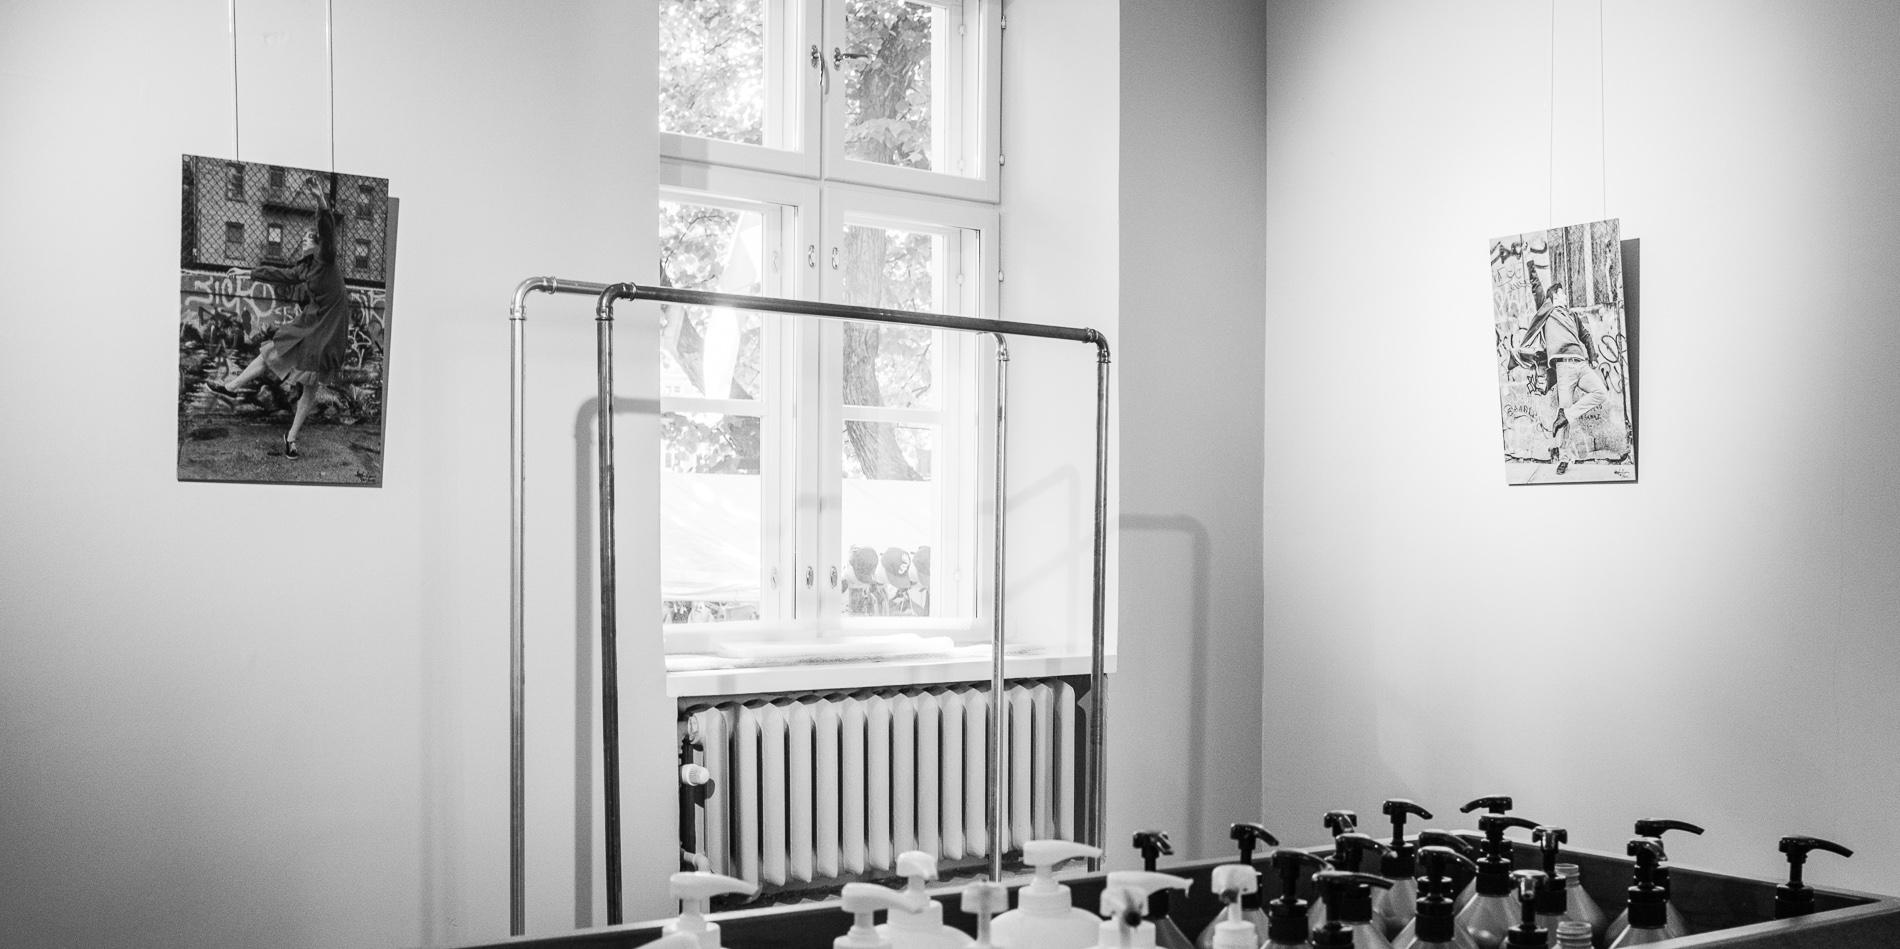 """Sarjastani 'Improvisaatioita Alumiinilla – Elävänä Nykissä' -signeeratut   40x60 cm   From my series """"Improvisations on Aluminum - LIVE IN NYC' - signed & numbered  40x60 cm"""